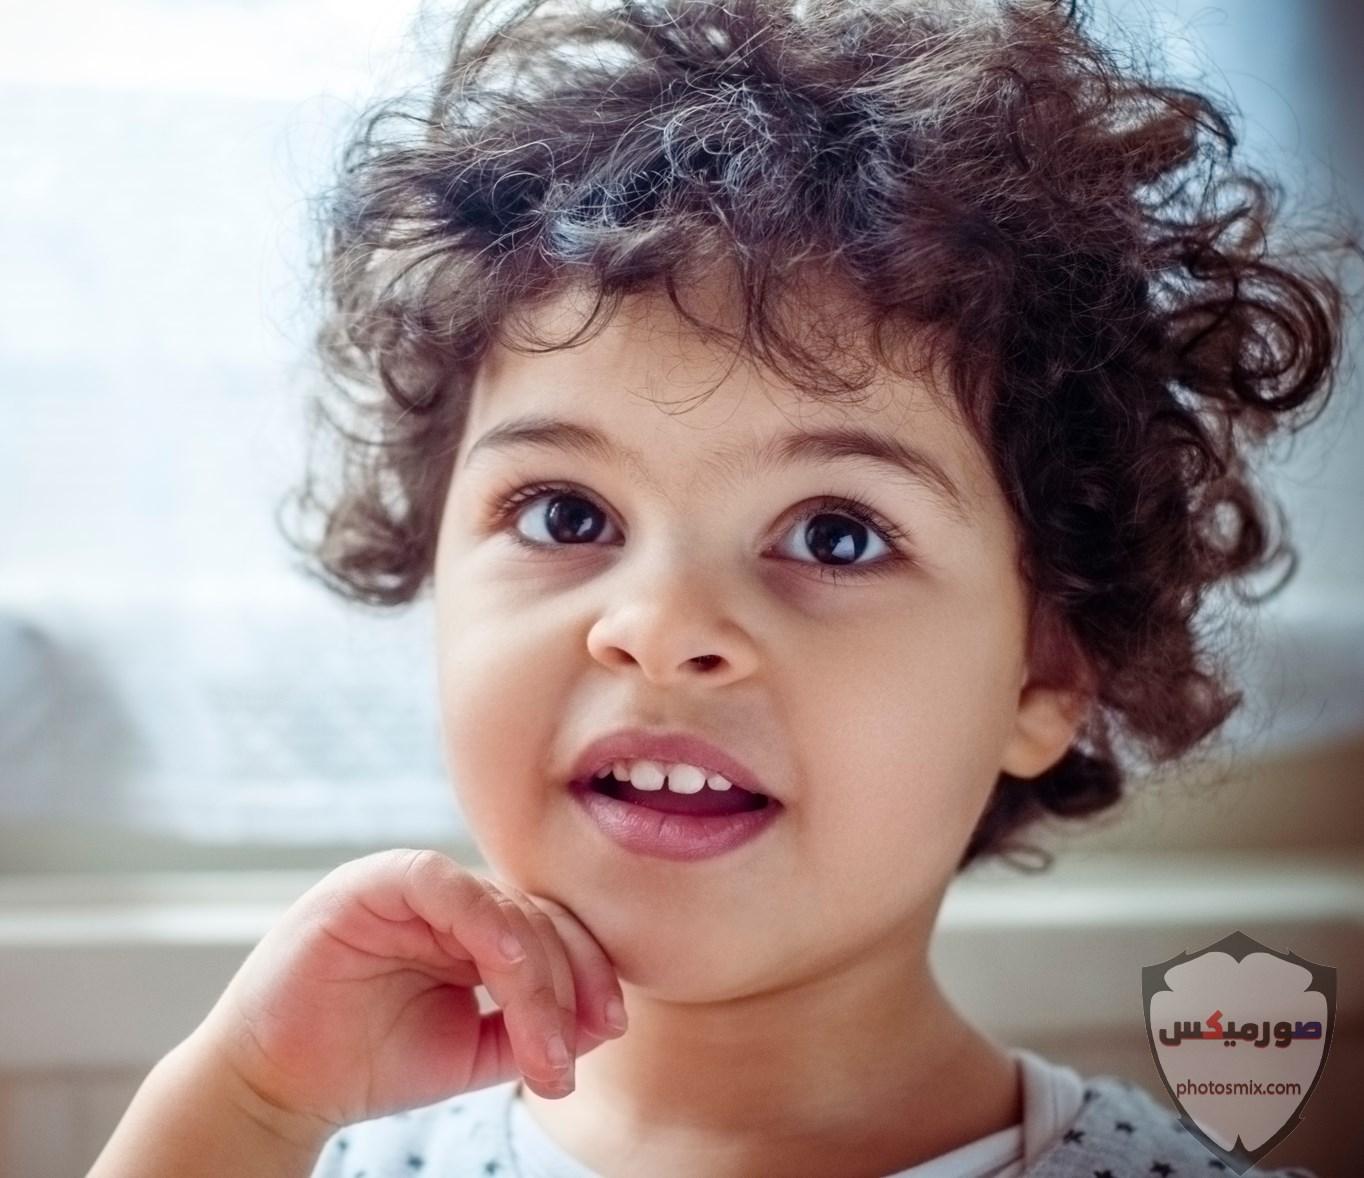 7 صور اطفال لطيفة